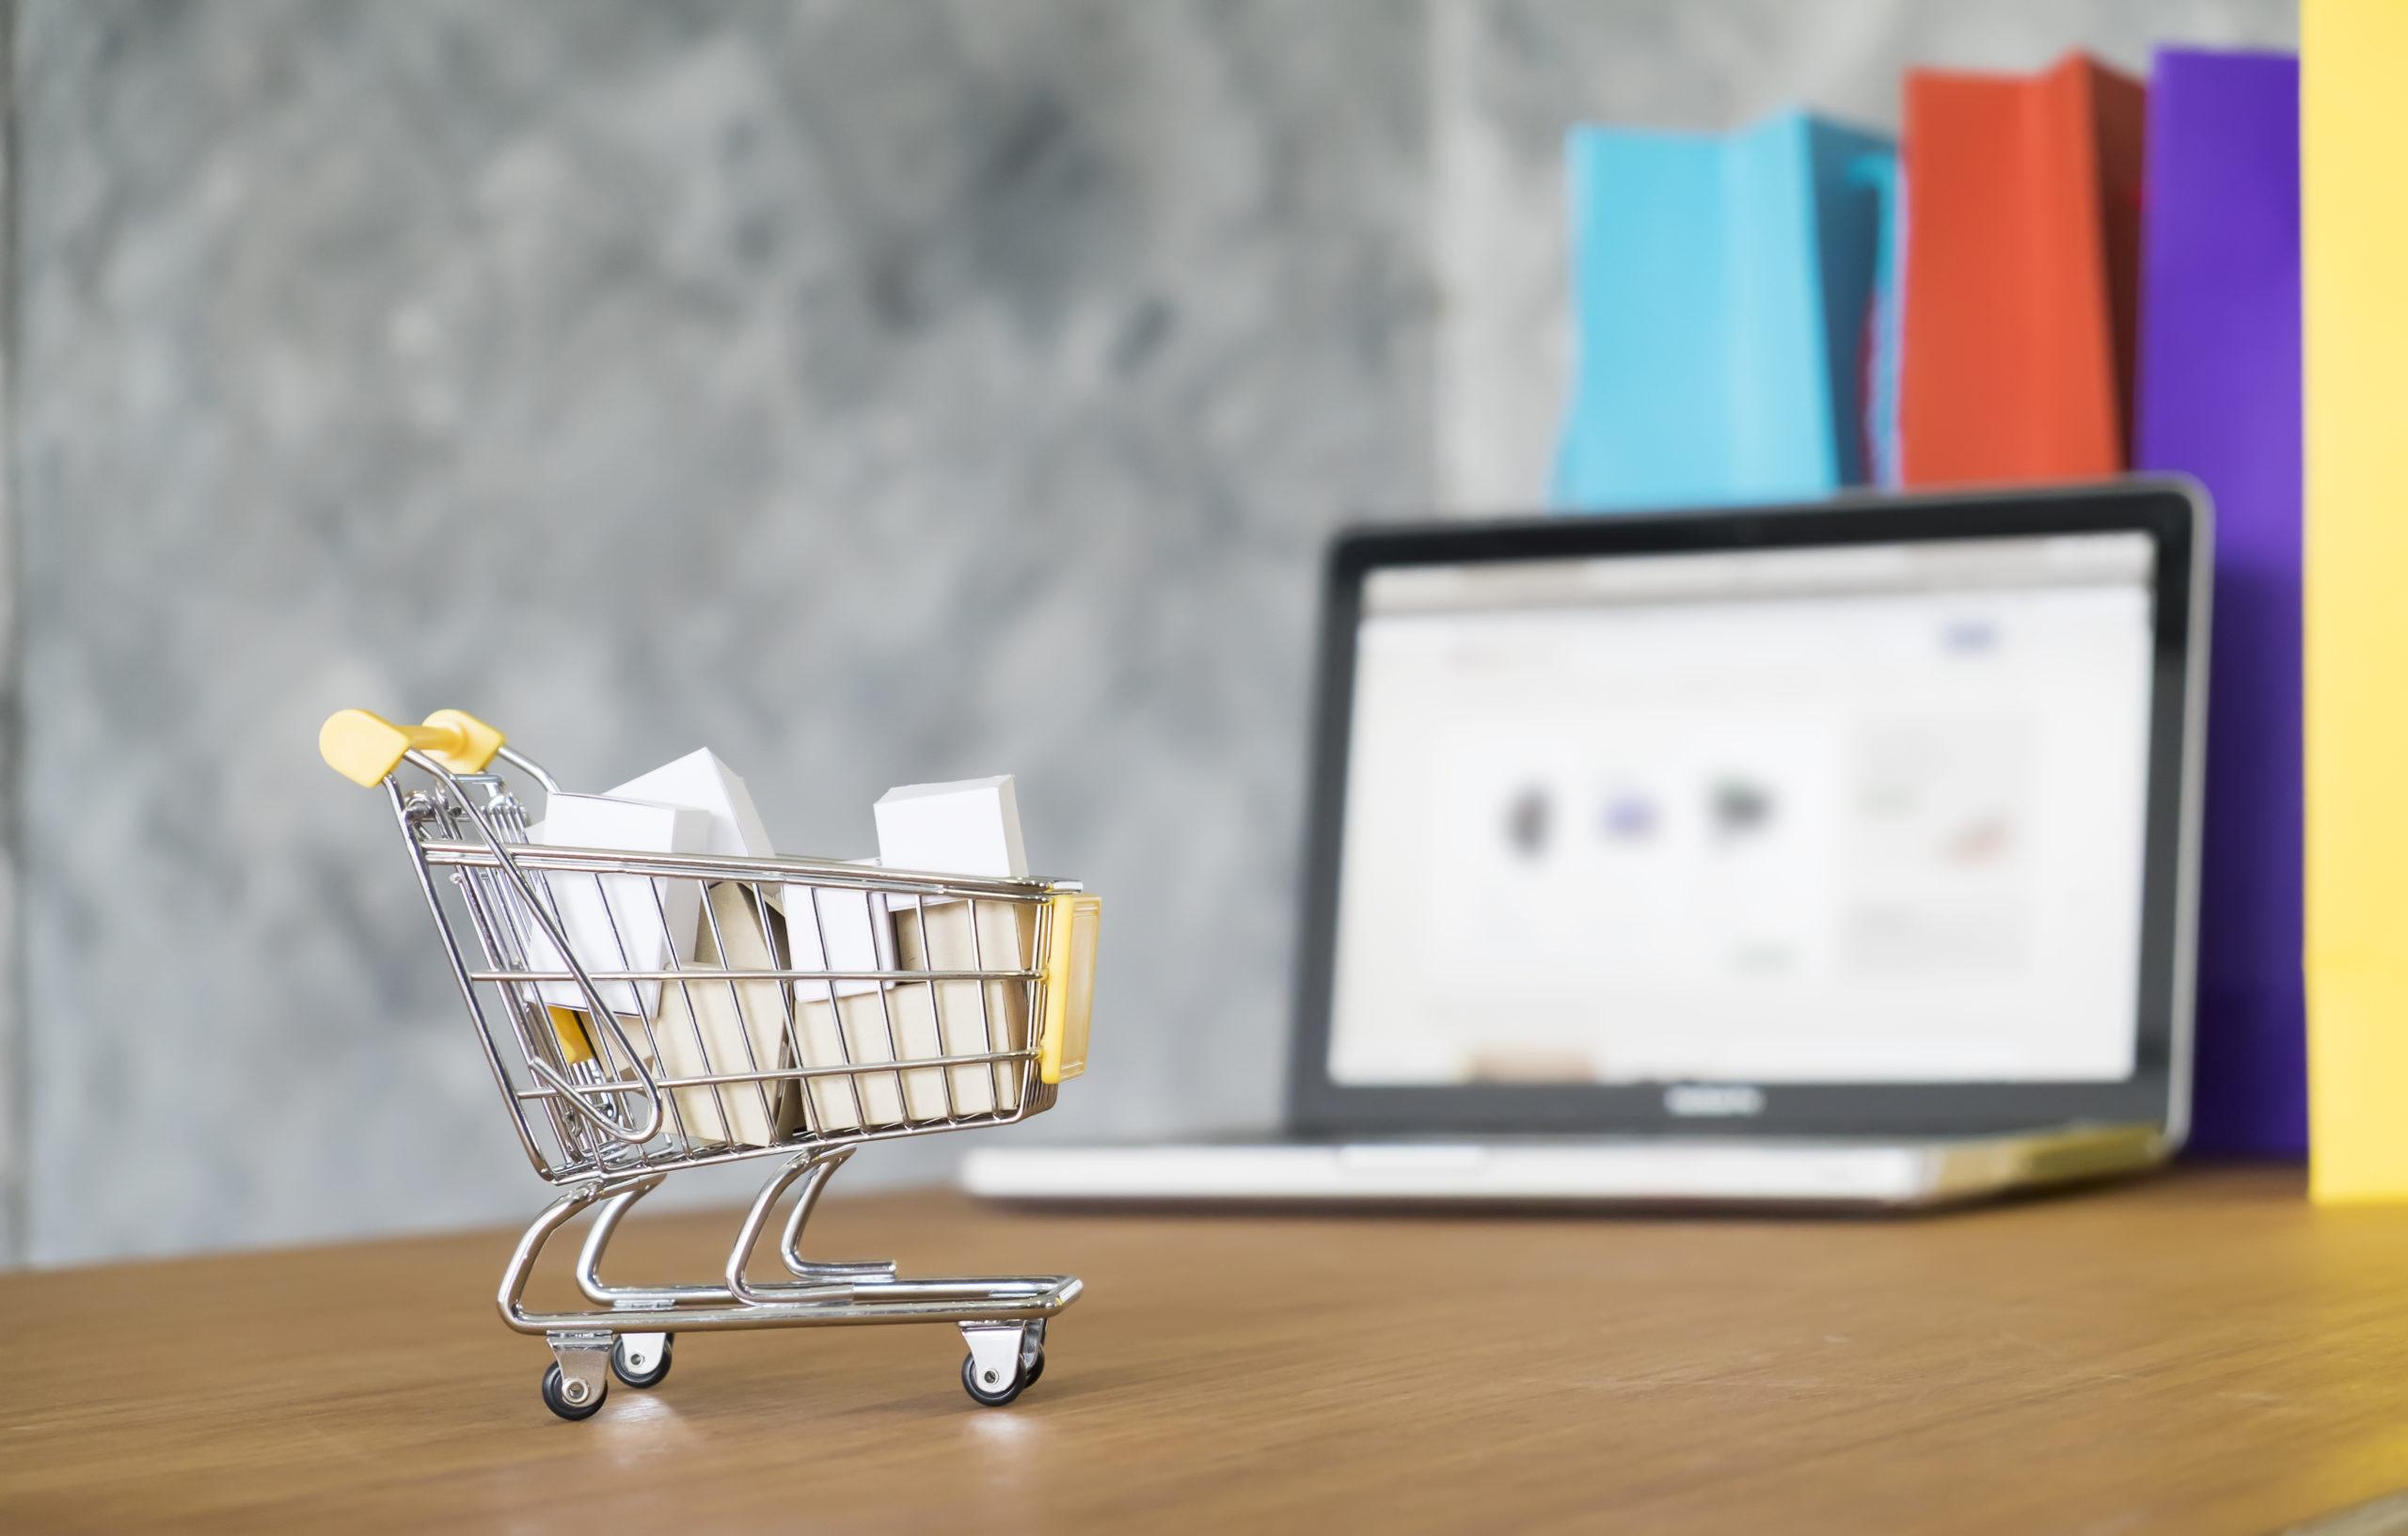 Vantagens e benefícios que você precisa saber para investir em um e-commerce